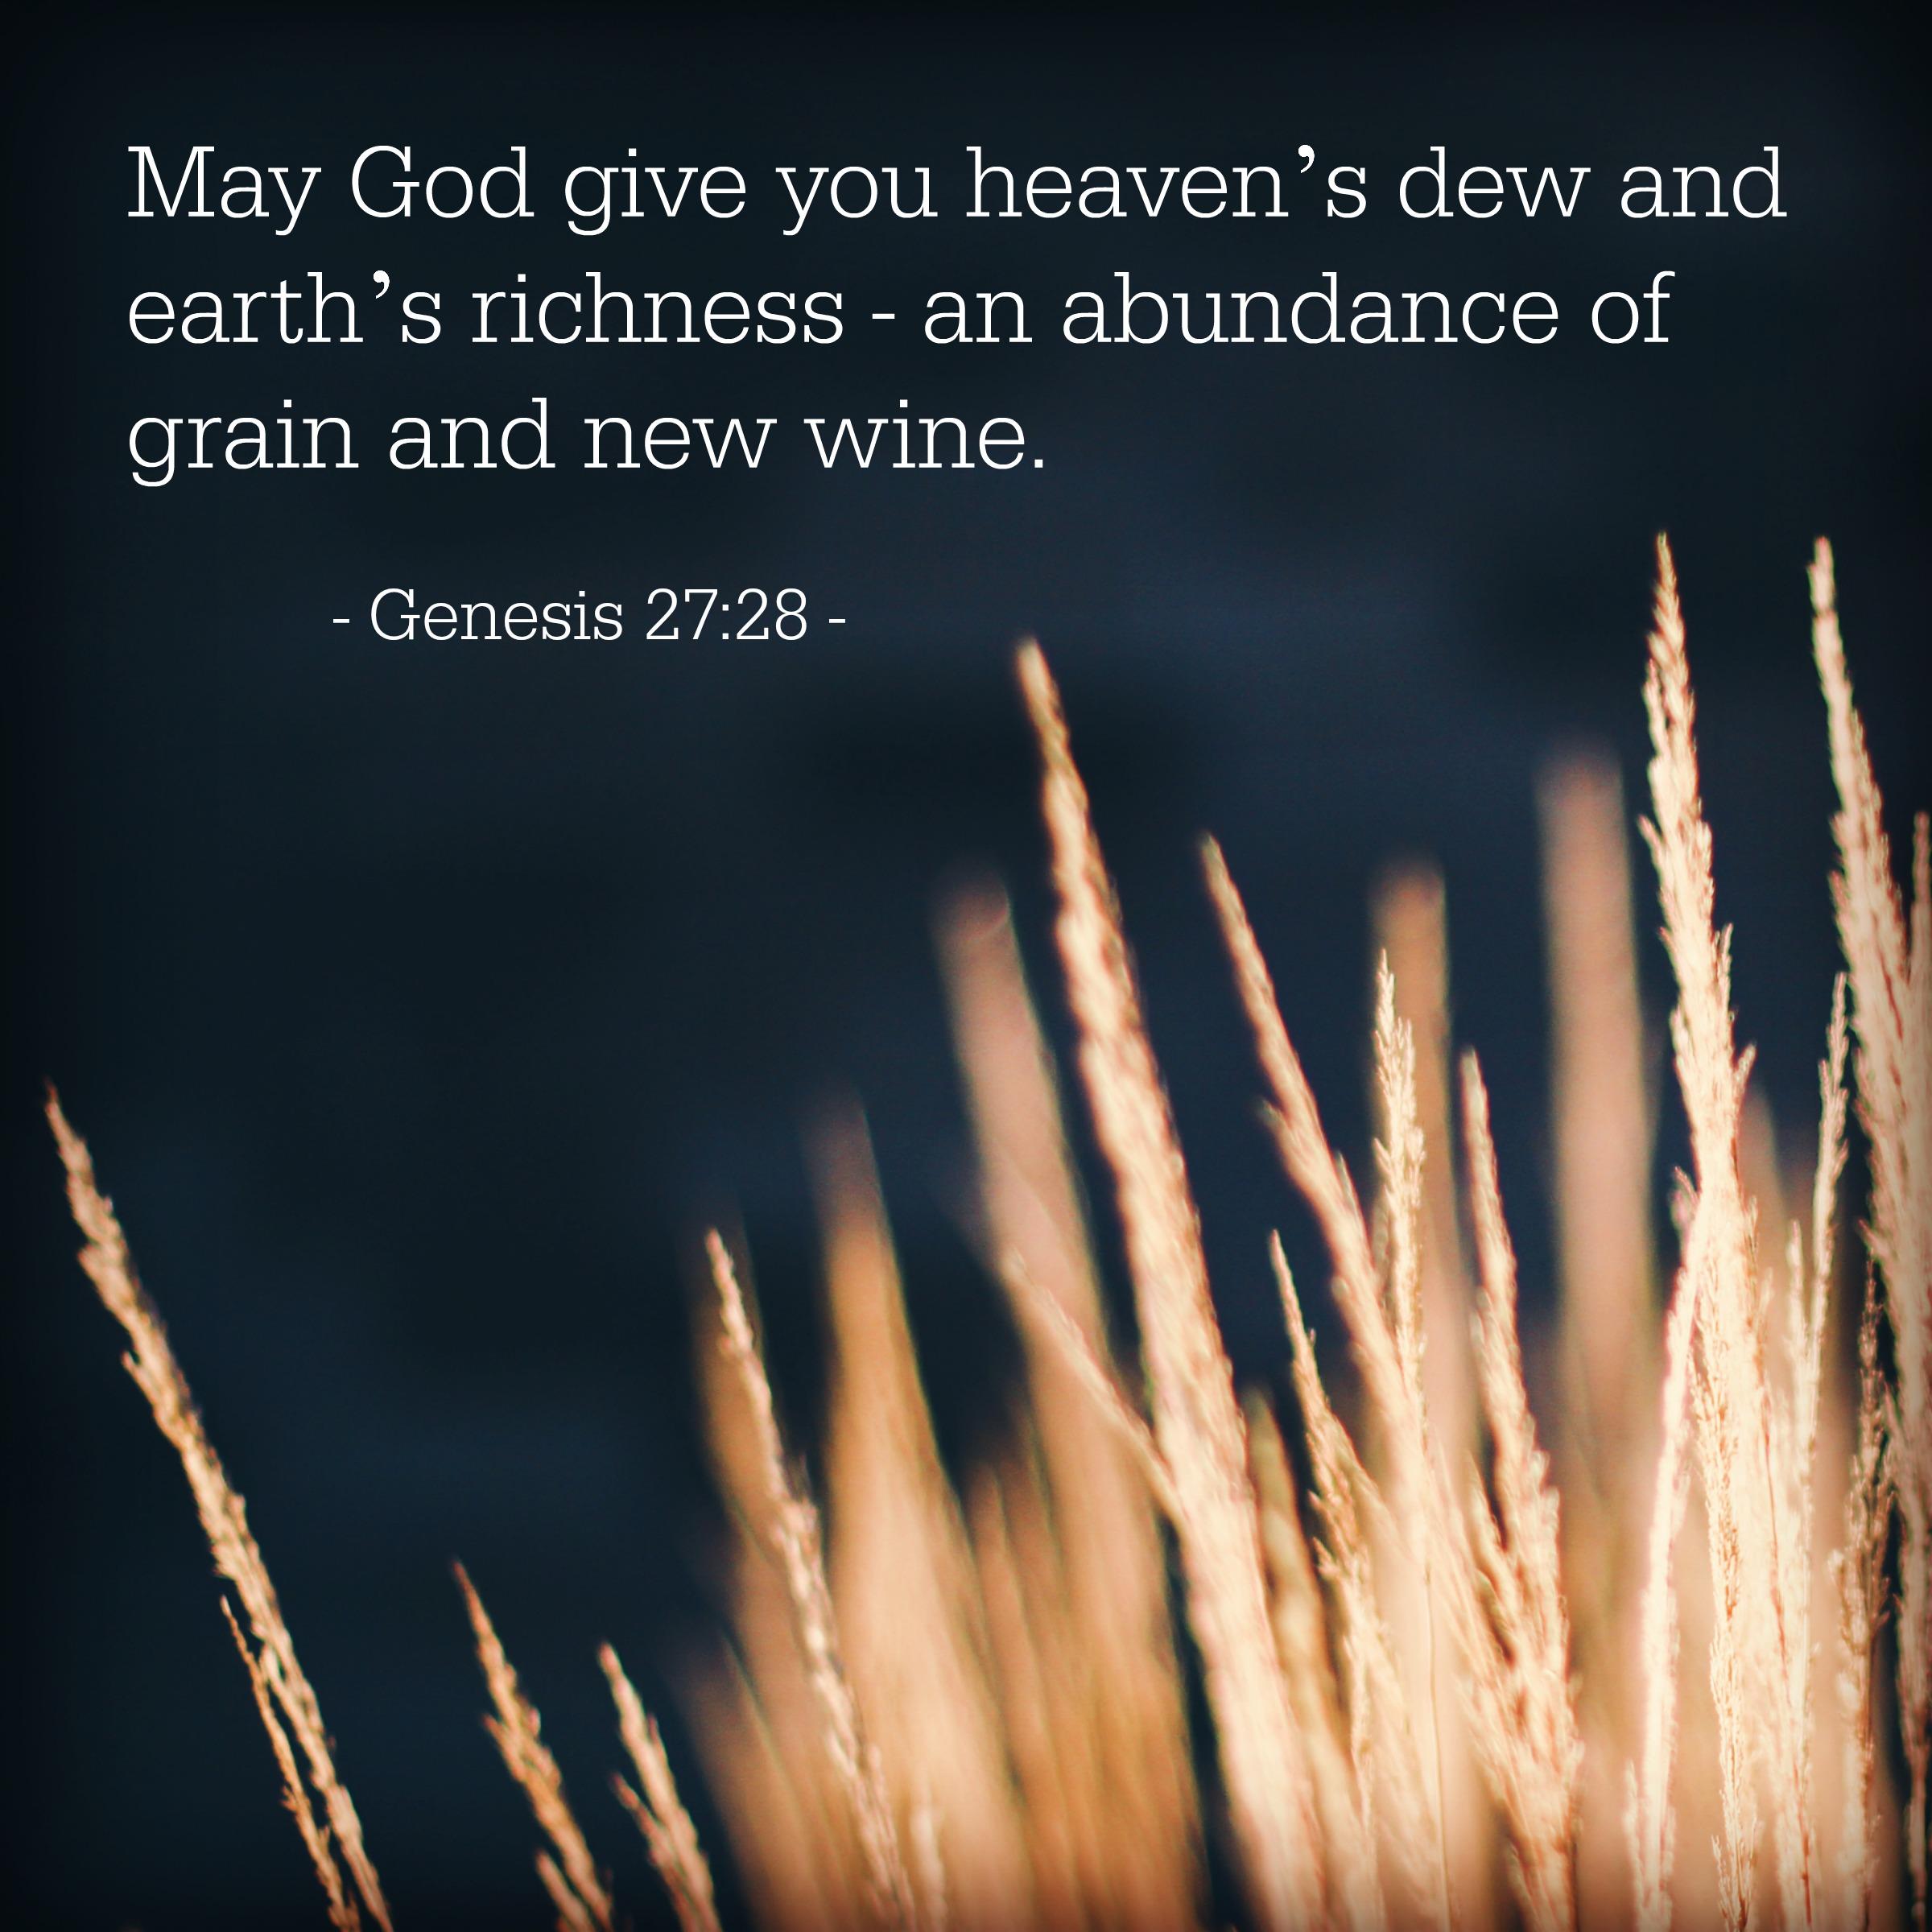 Genesis 27:28